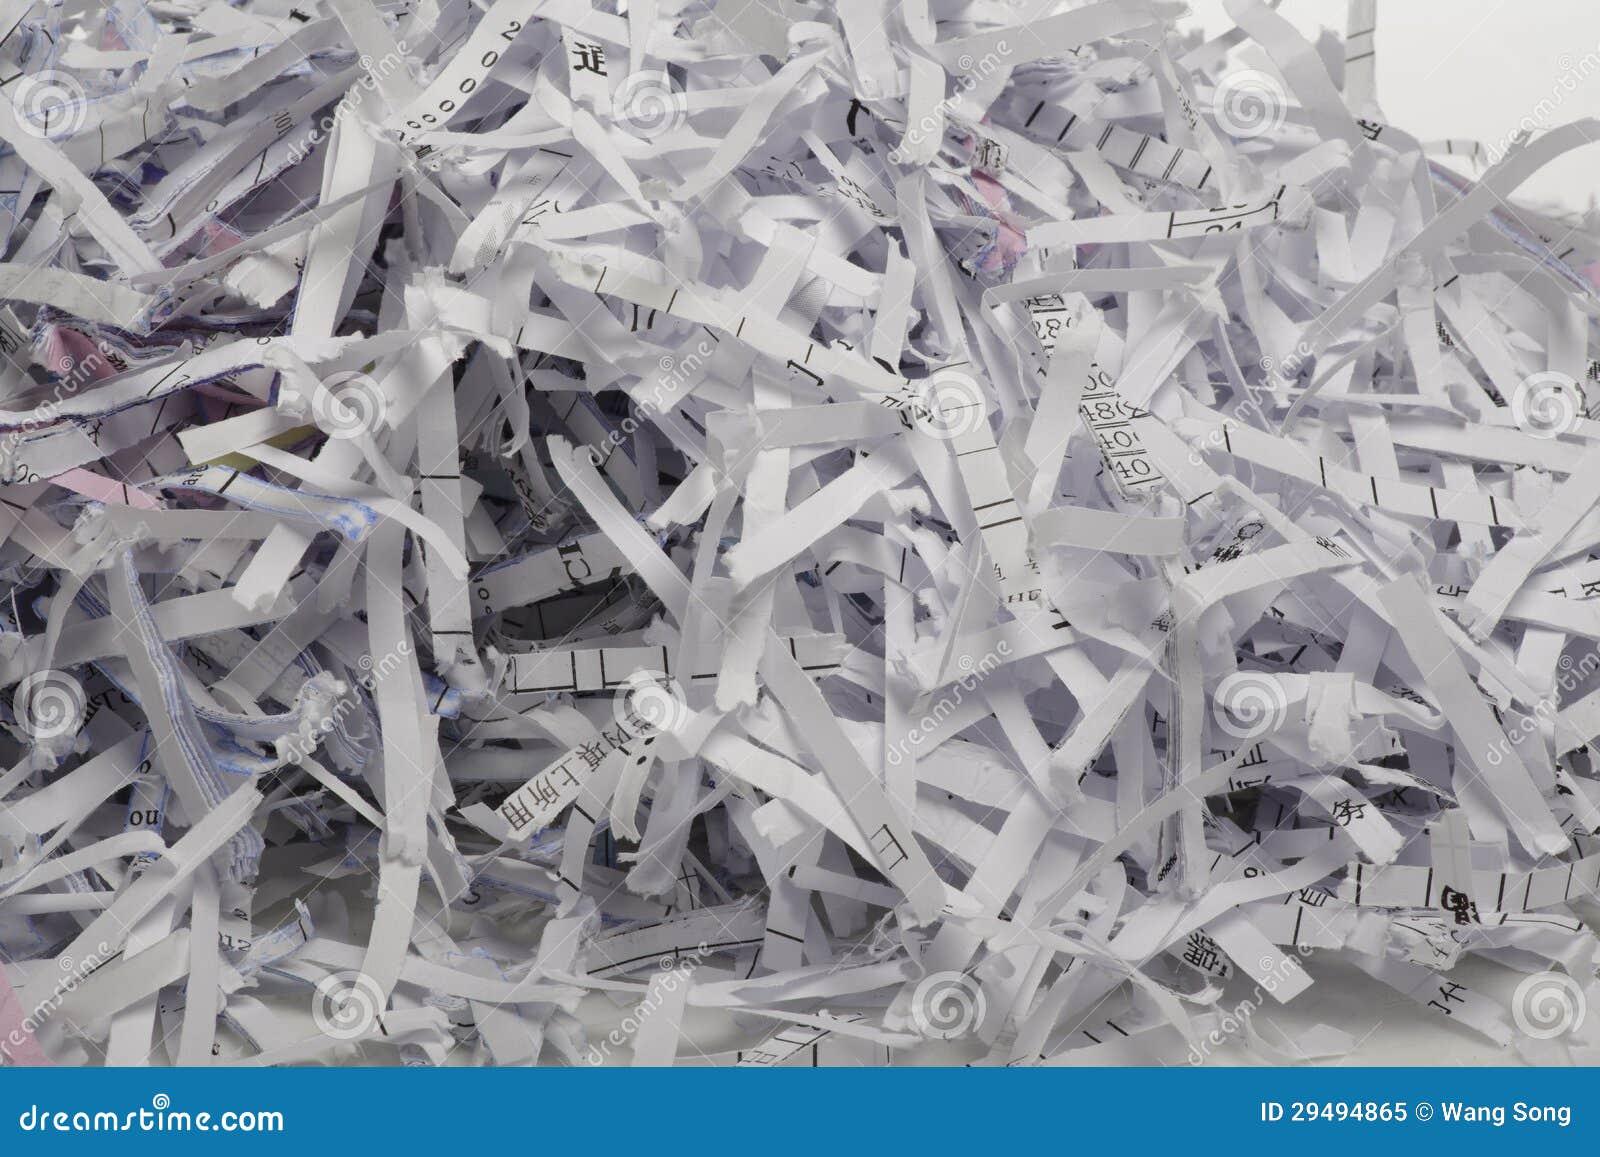 Закройте вверх shredded бумаги для предпосылки.